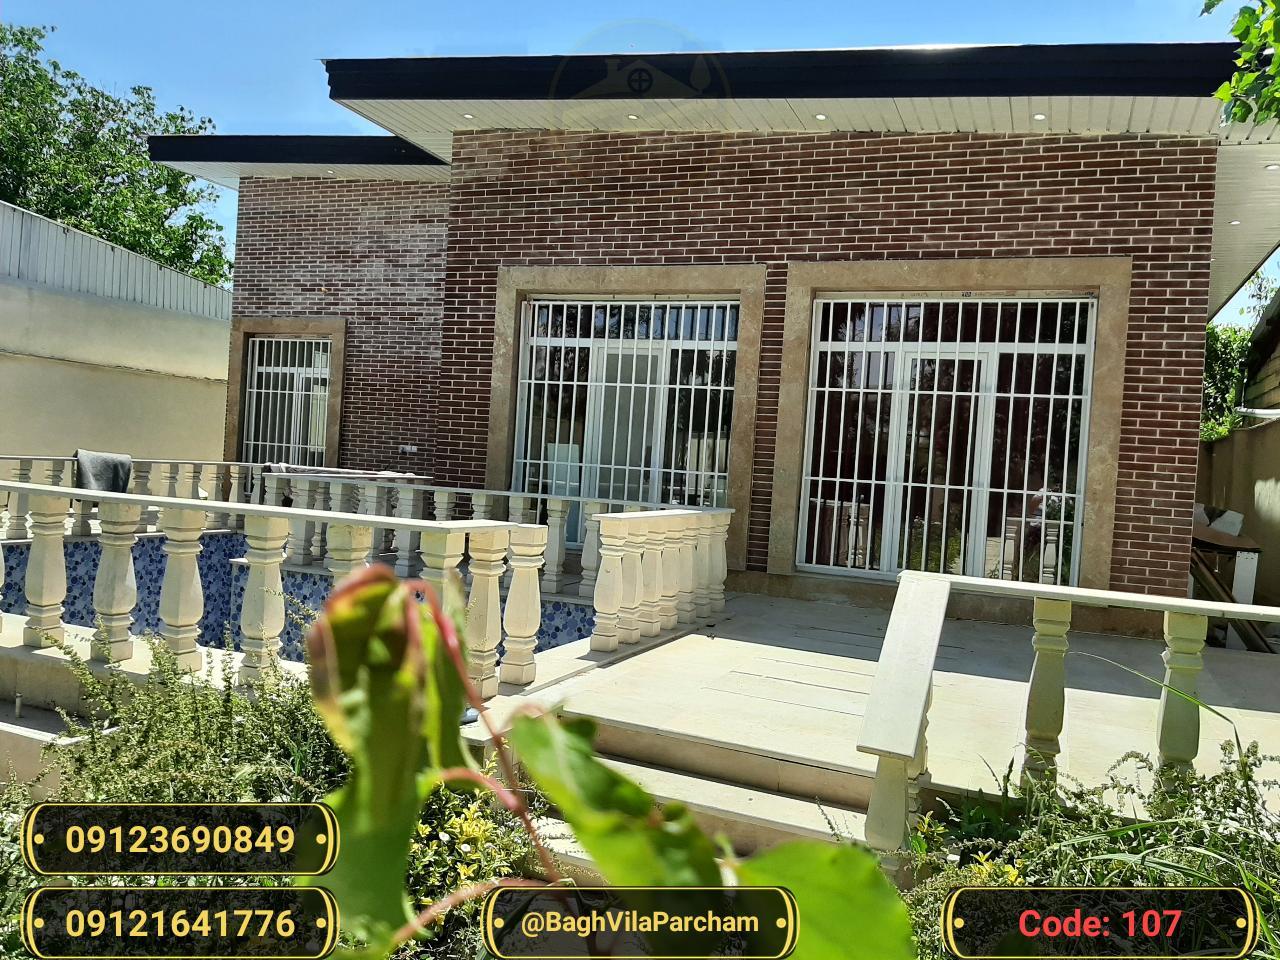 تصویر عکس باغ ویلا شماره 9 از ویلای ۵۰۰ متر ویلا Picture photo image 9 of ۵۰۰ متر ویلا